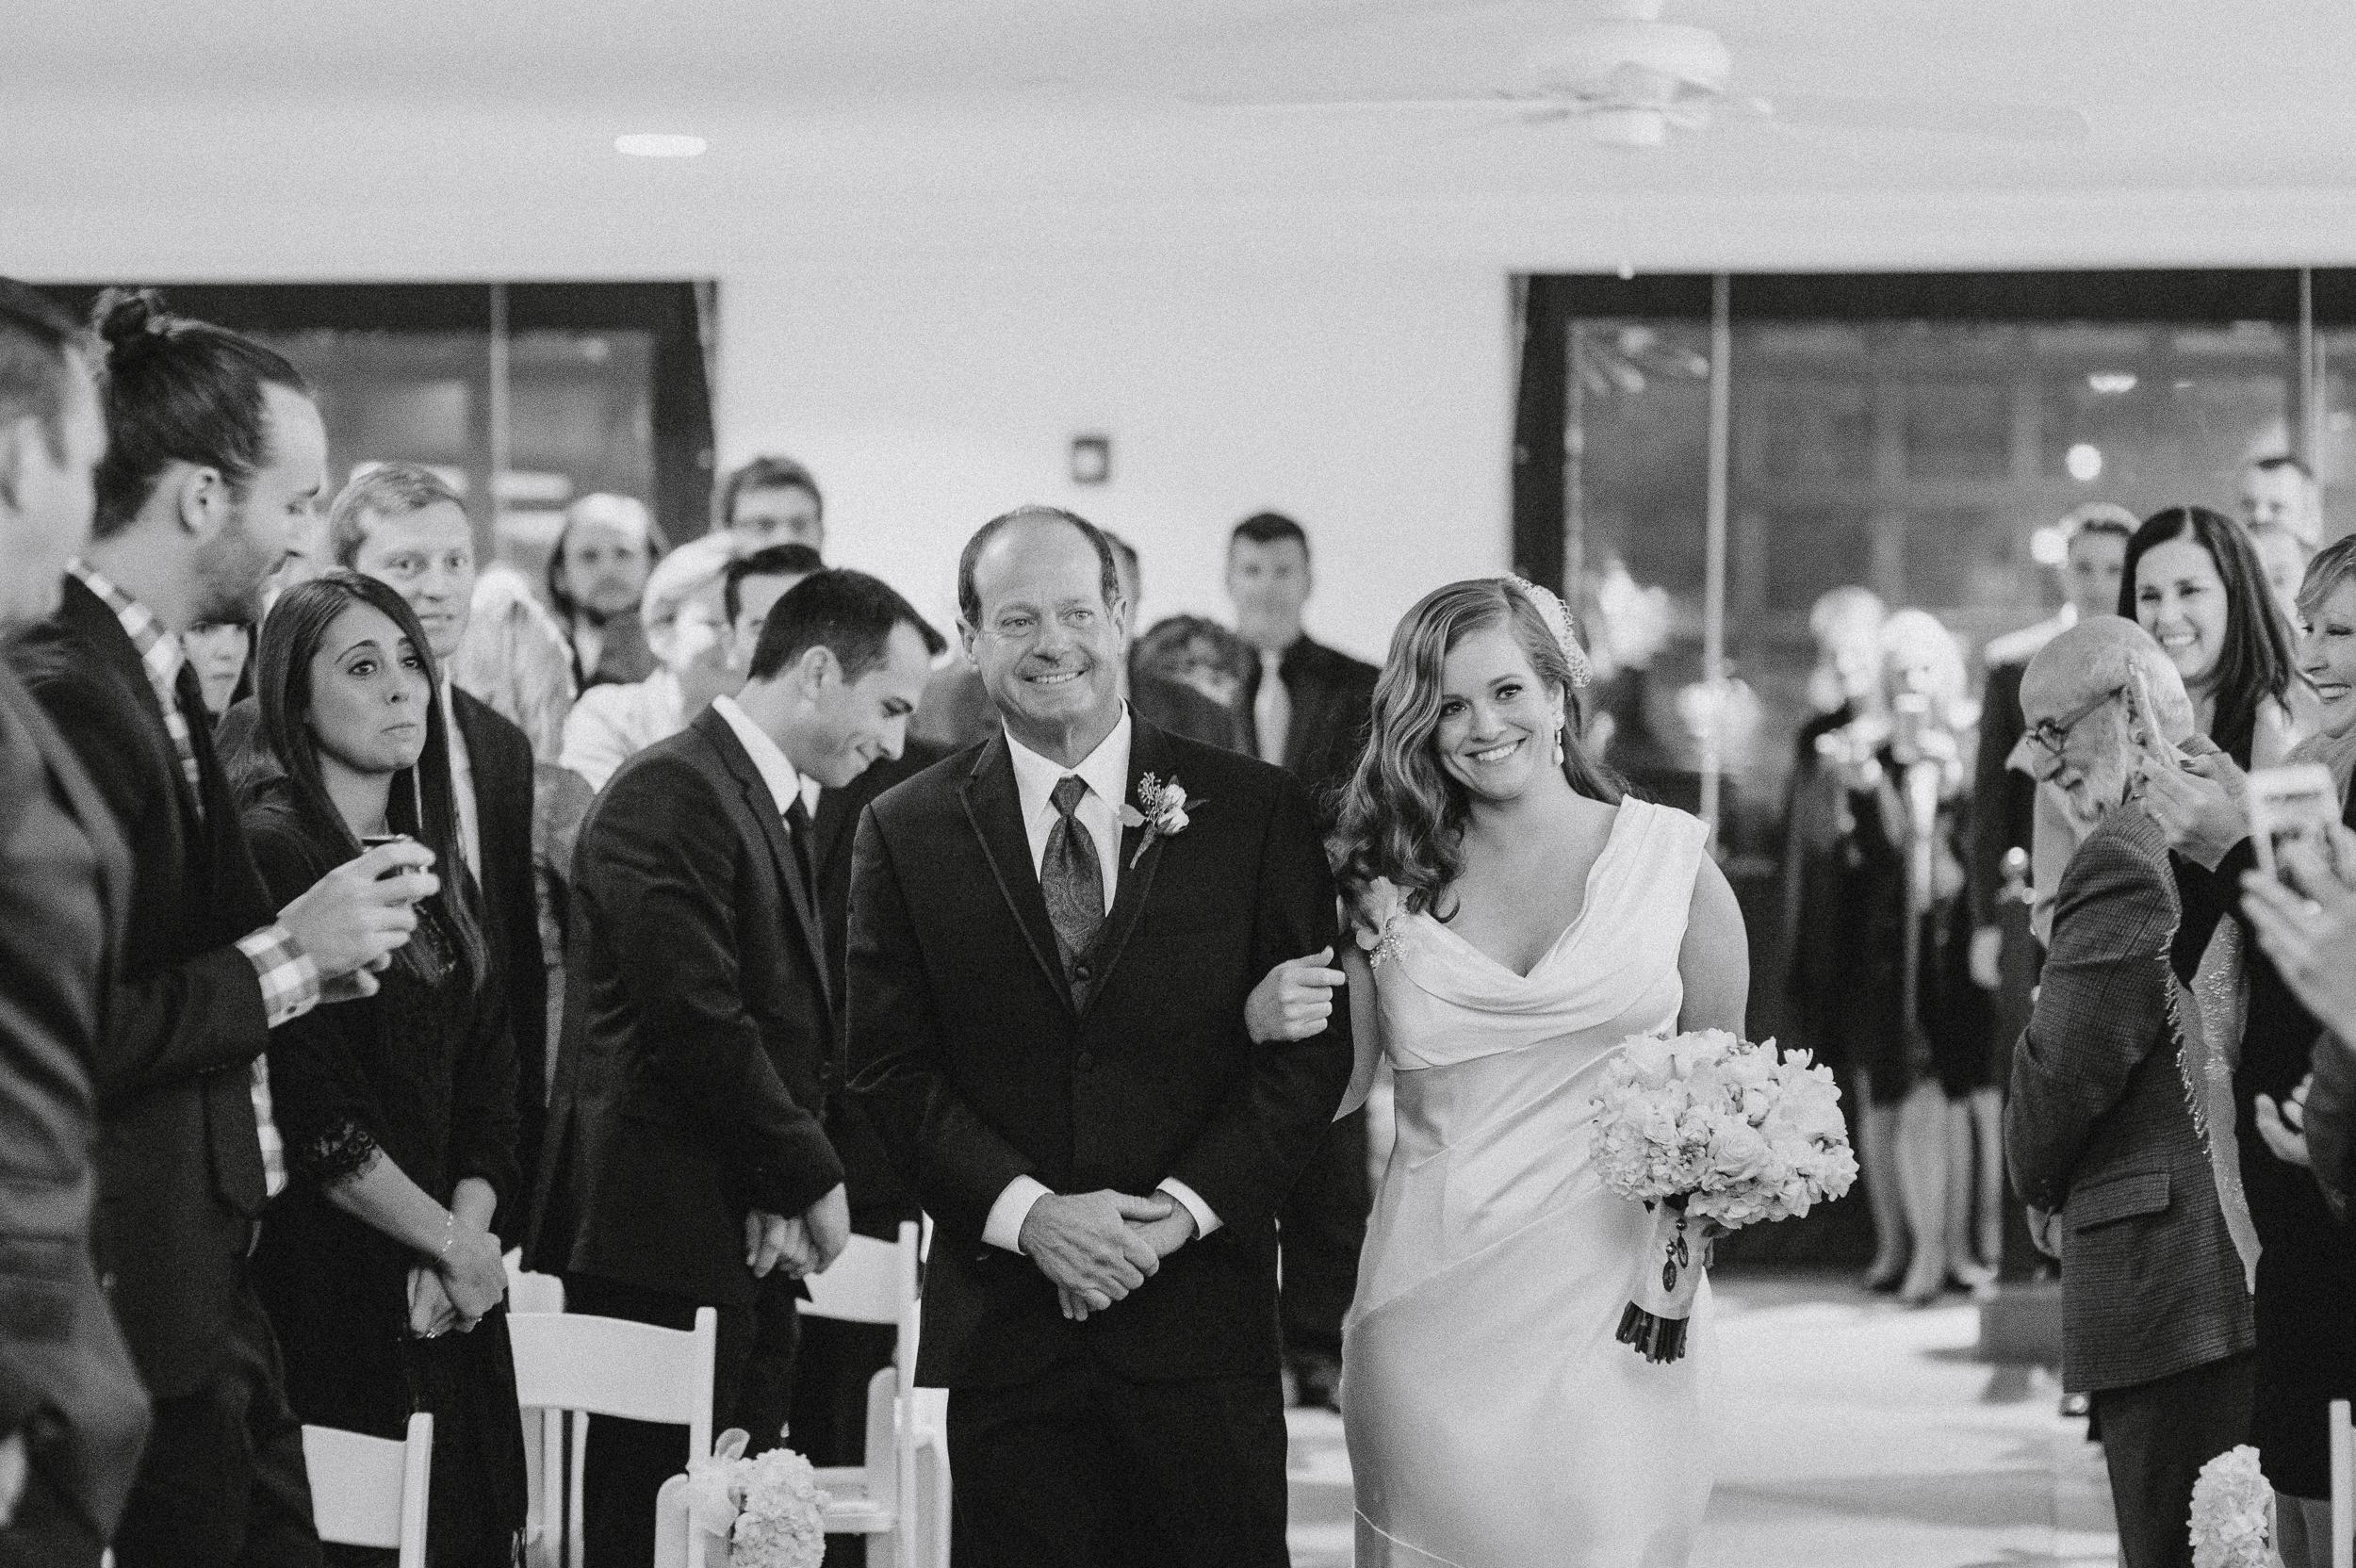 lambertville-station-wedding-photographer-36.jpg